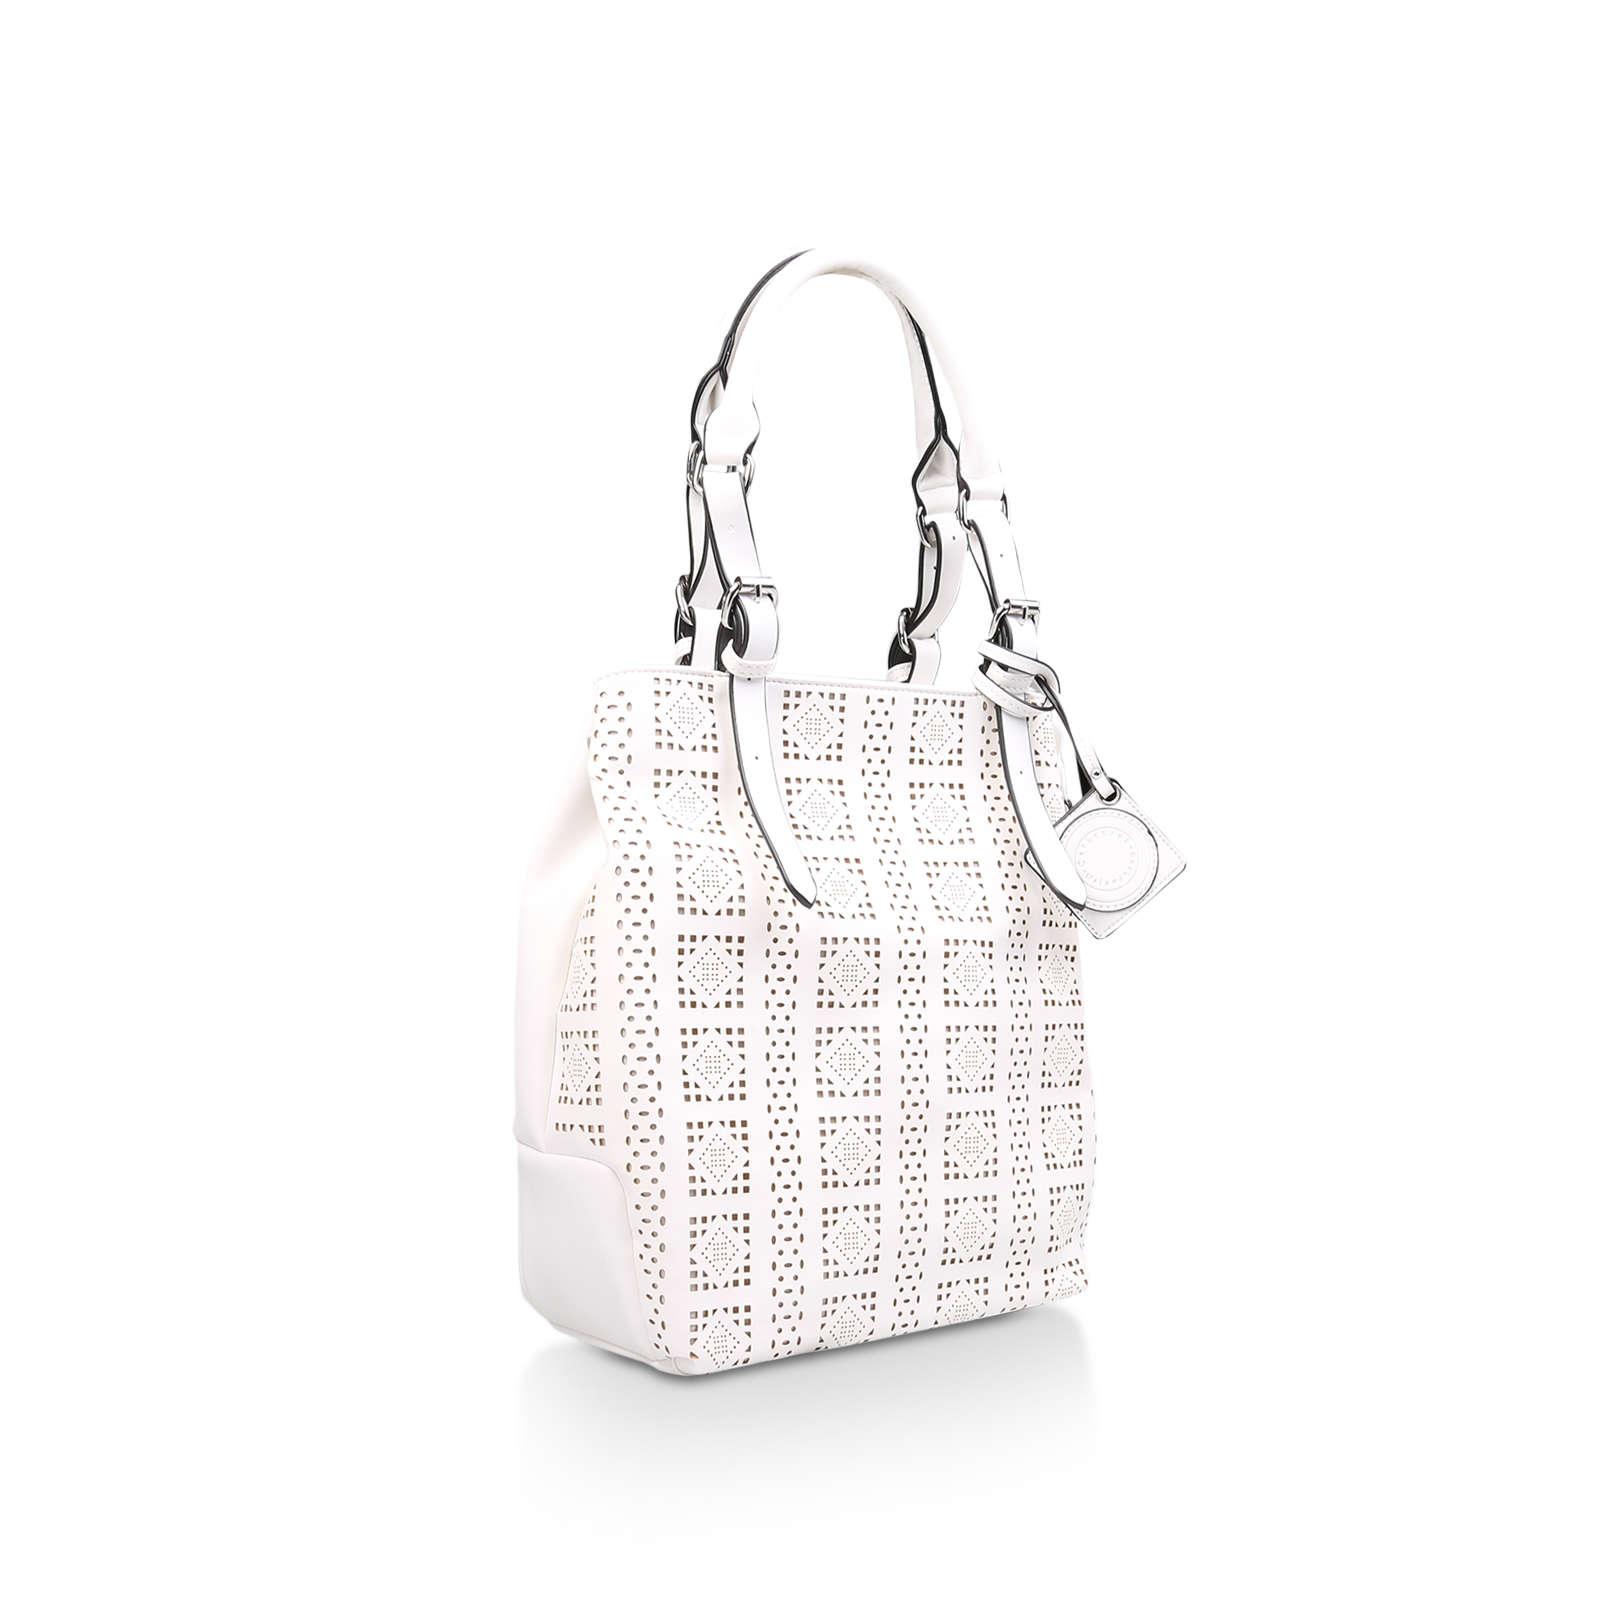 VIOLET Catherine Malandrino Violet White Handbag by